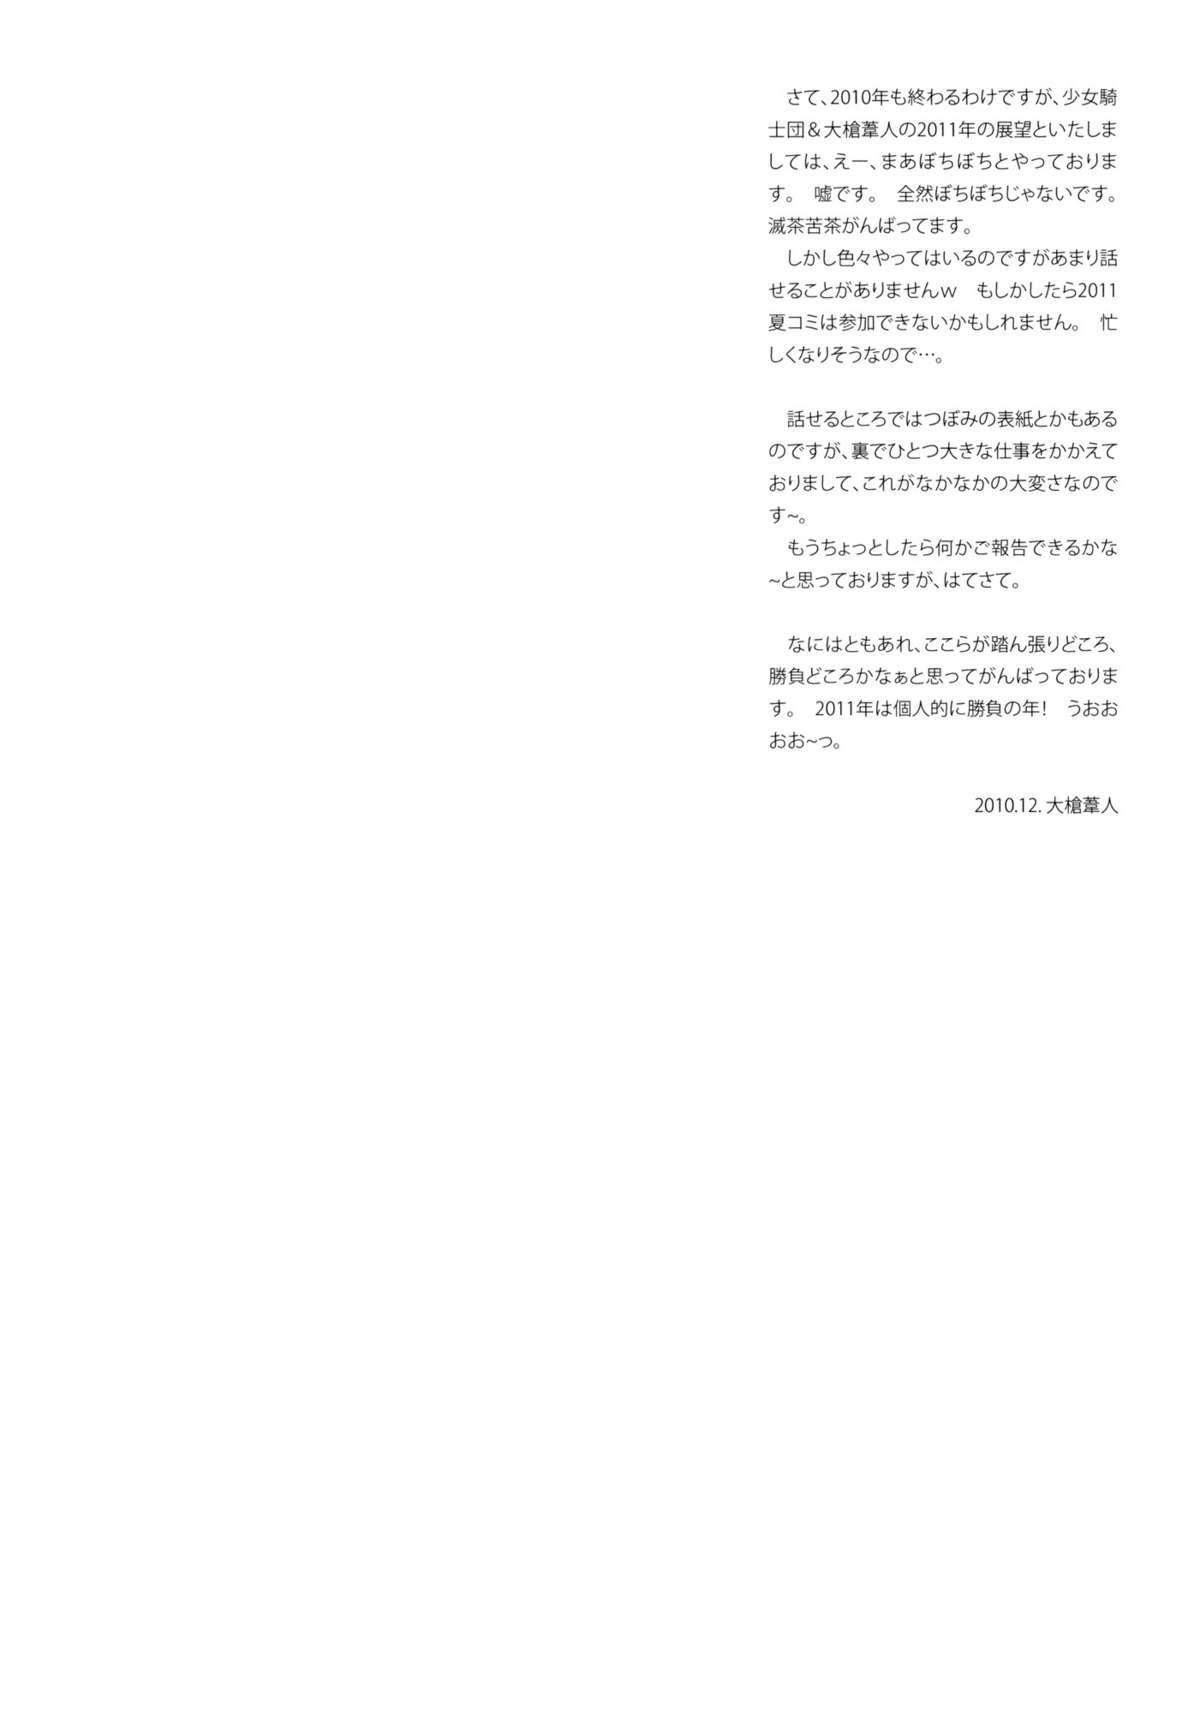 KURONEKO NO TANGO 21